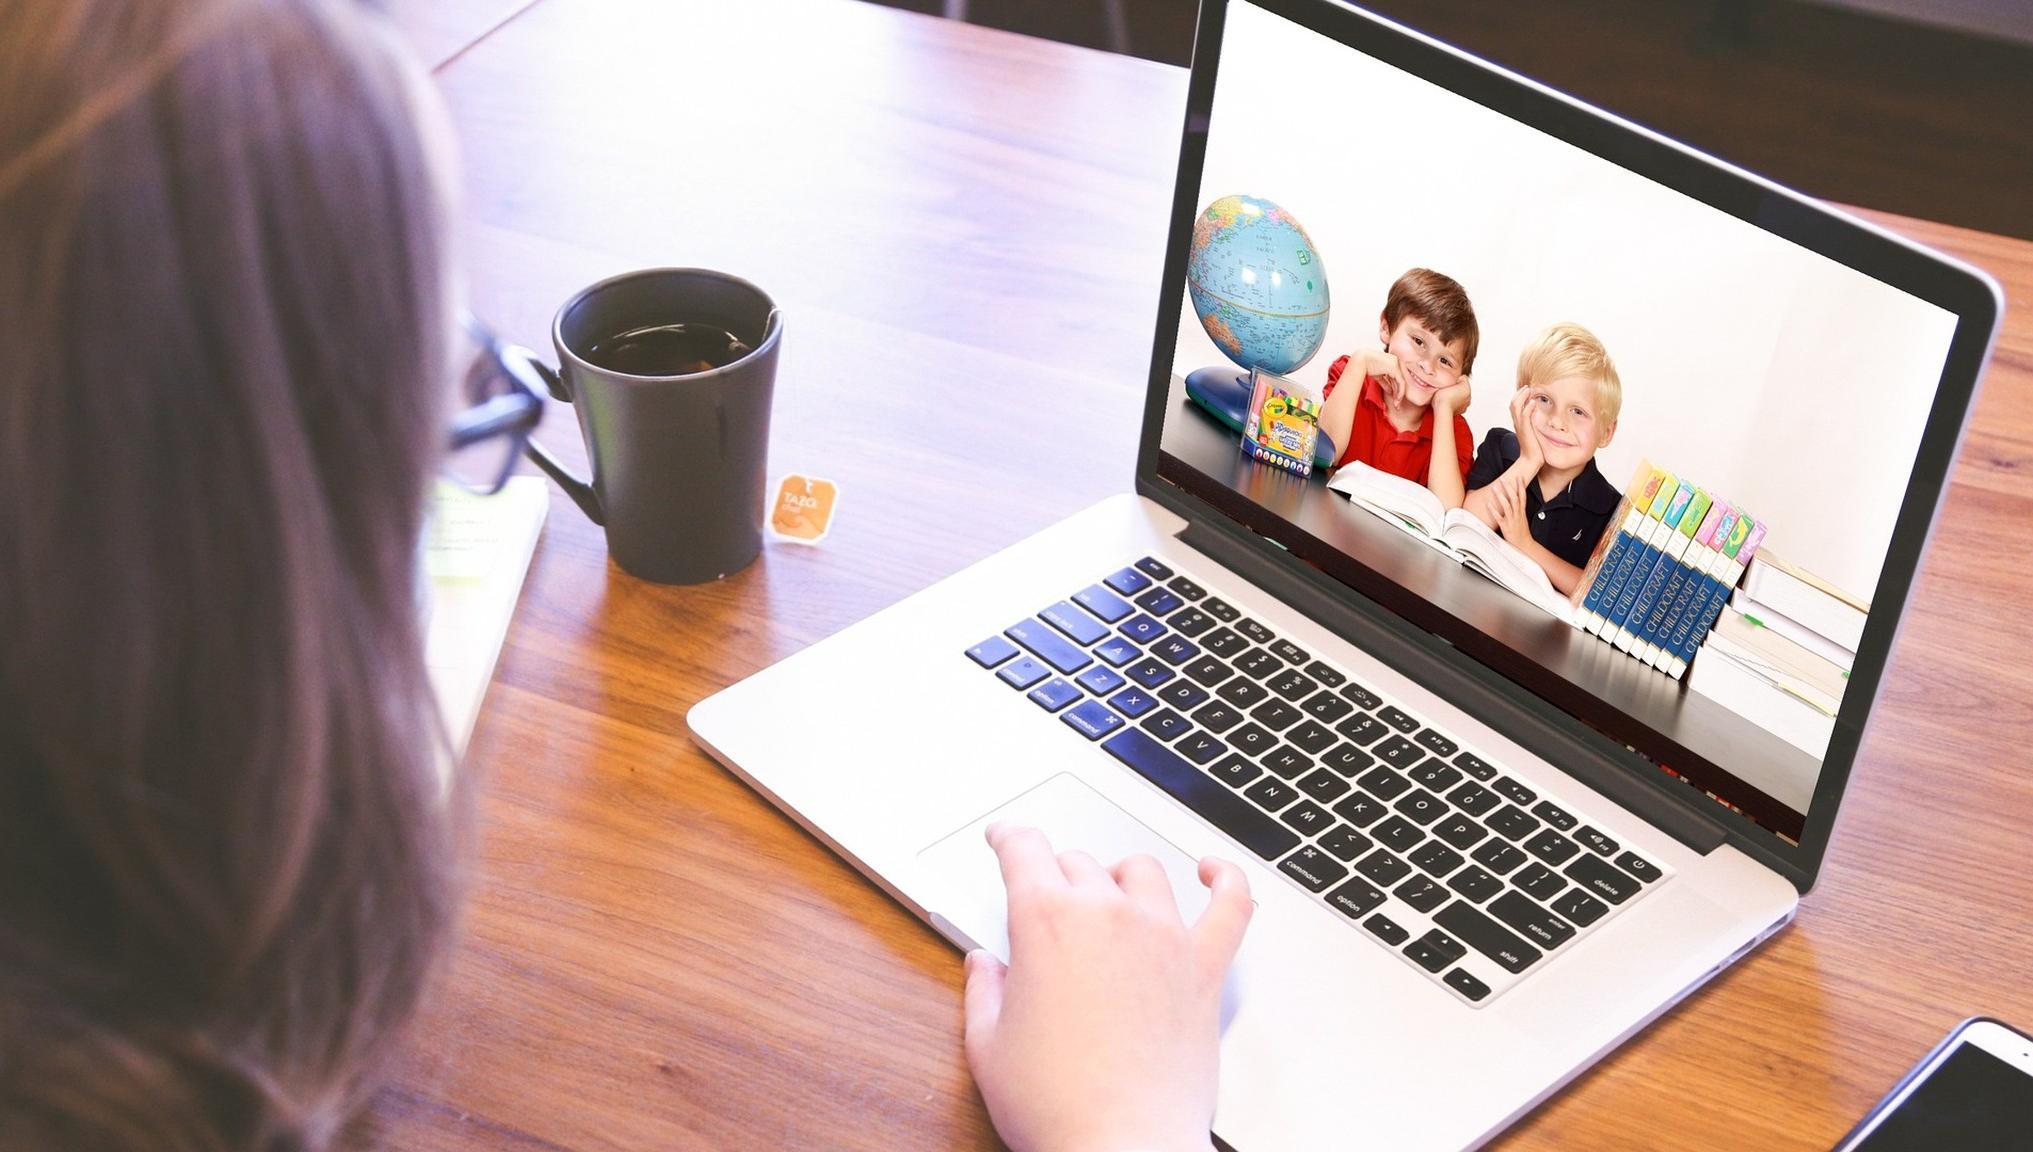 Данные о российских детях хотят собрать в цифровых профилях